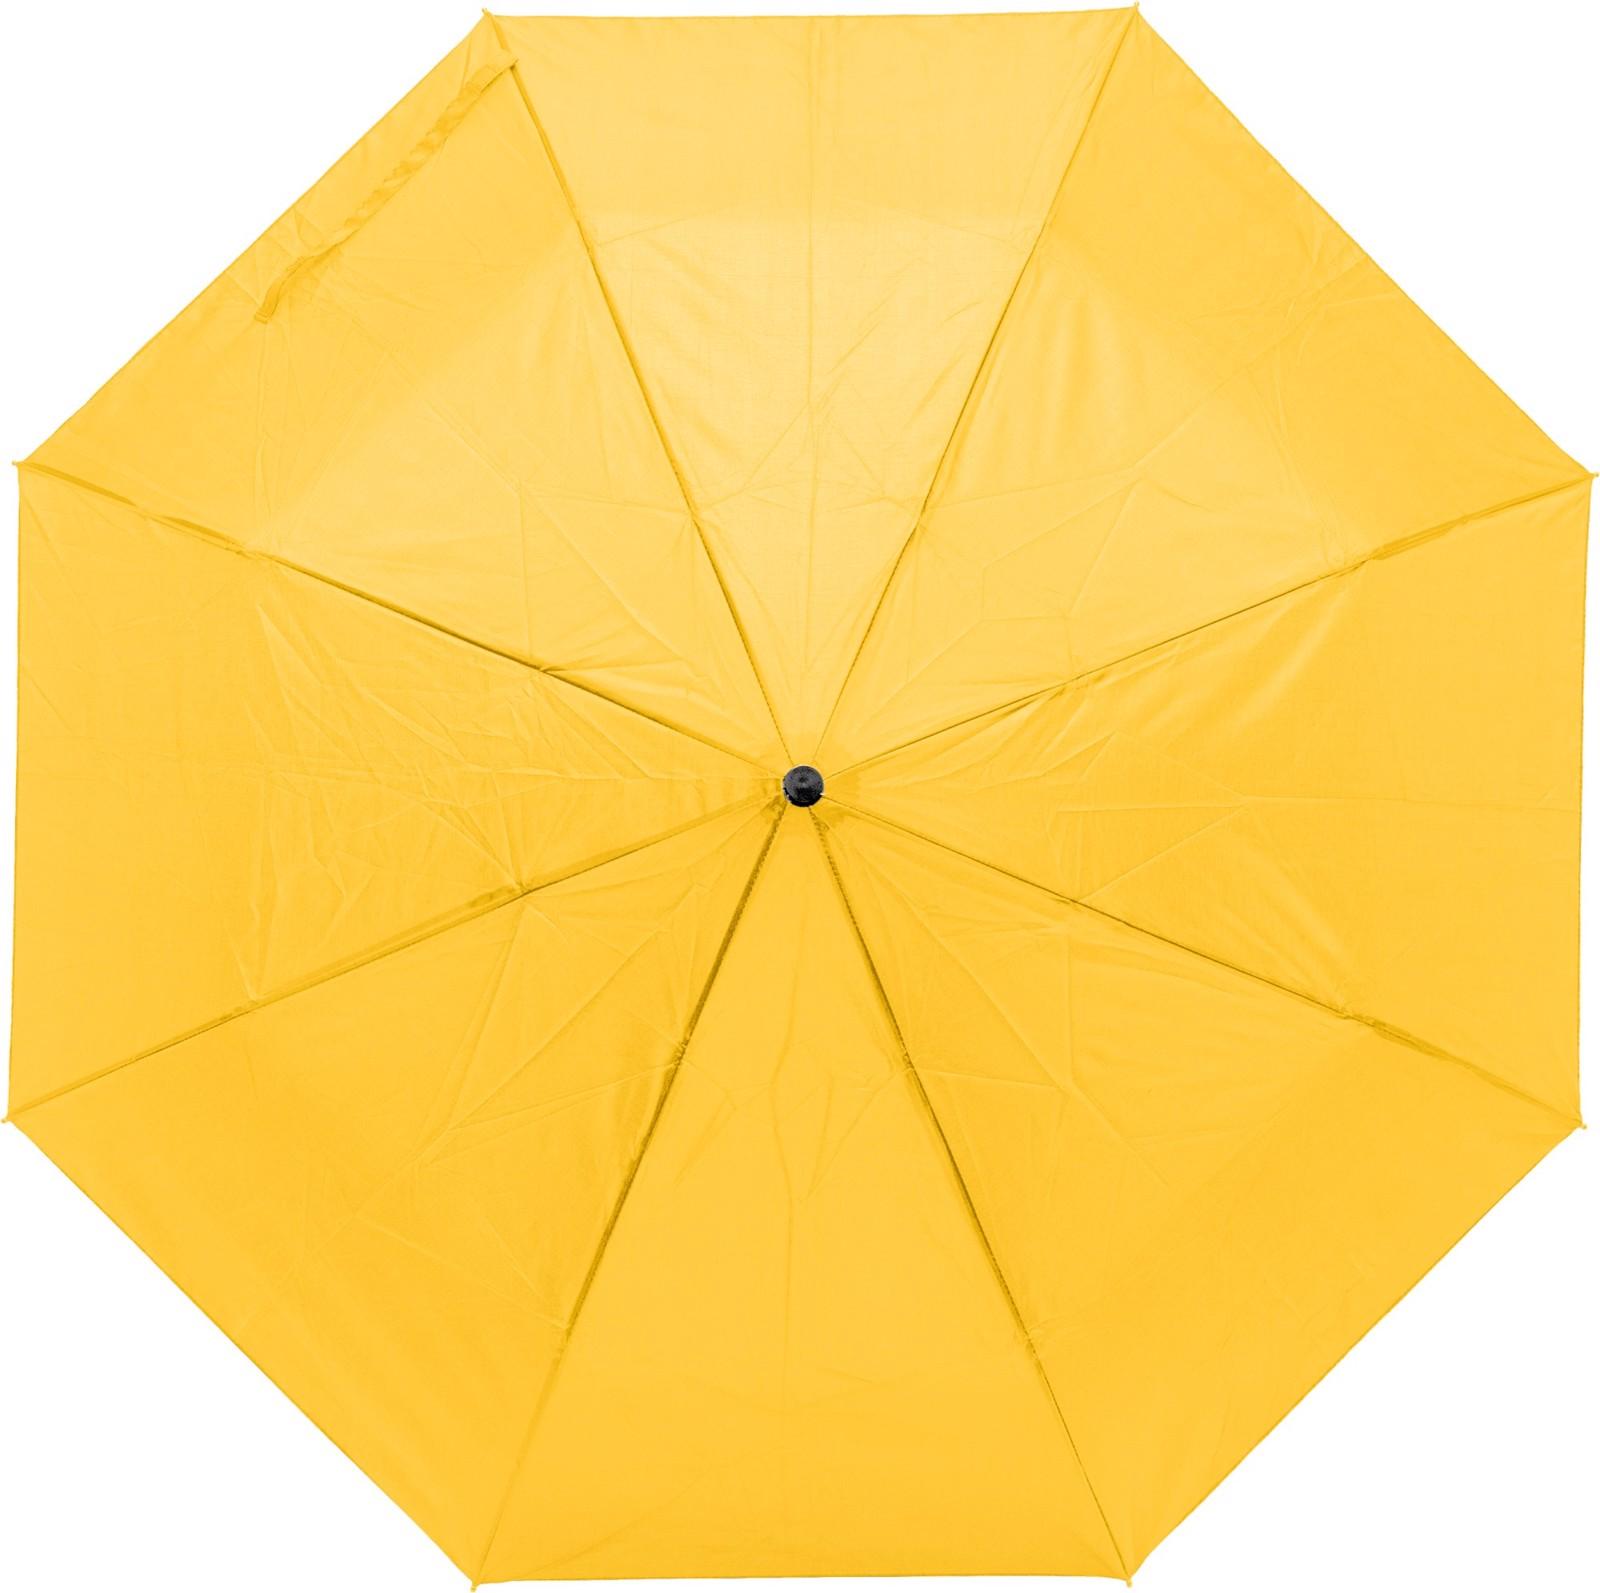 Pongee (190T) umbrella - Yellow